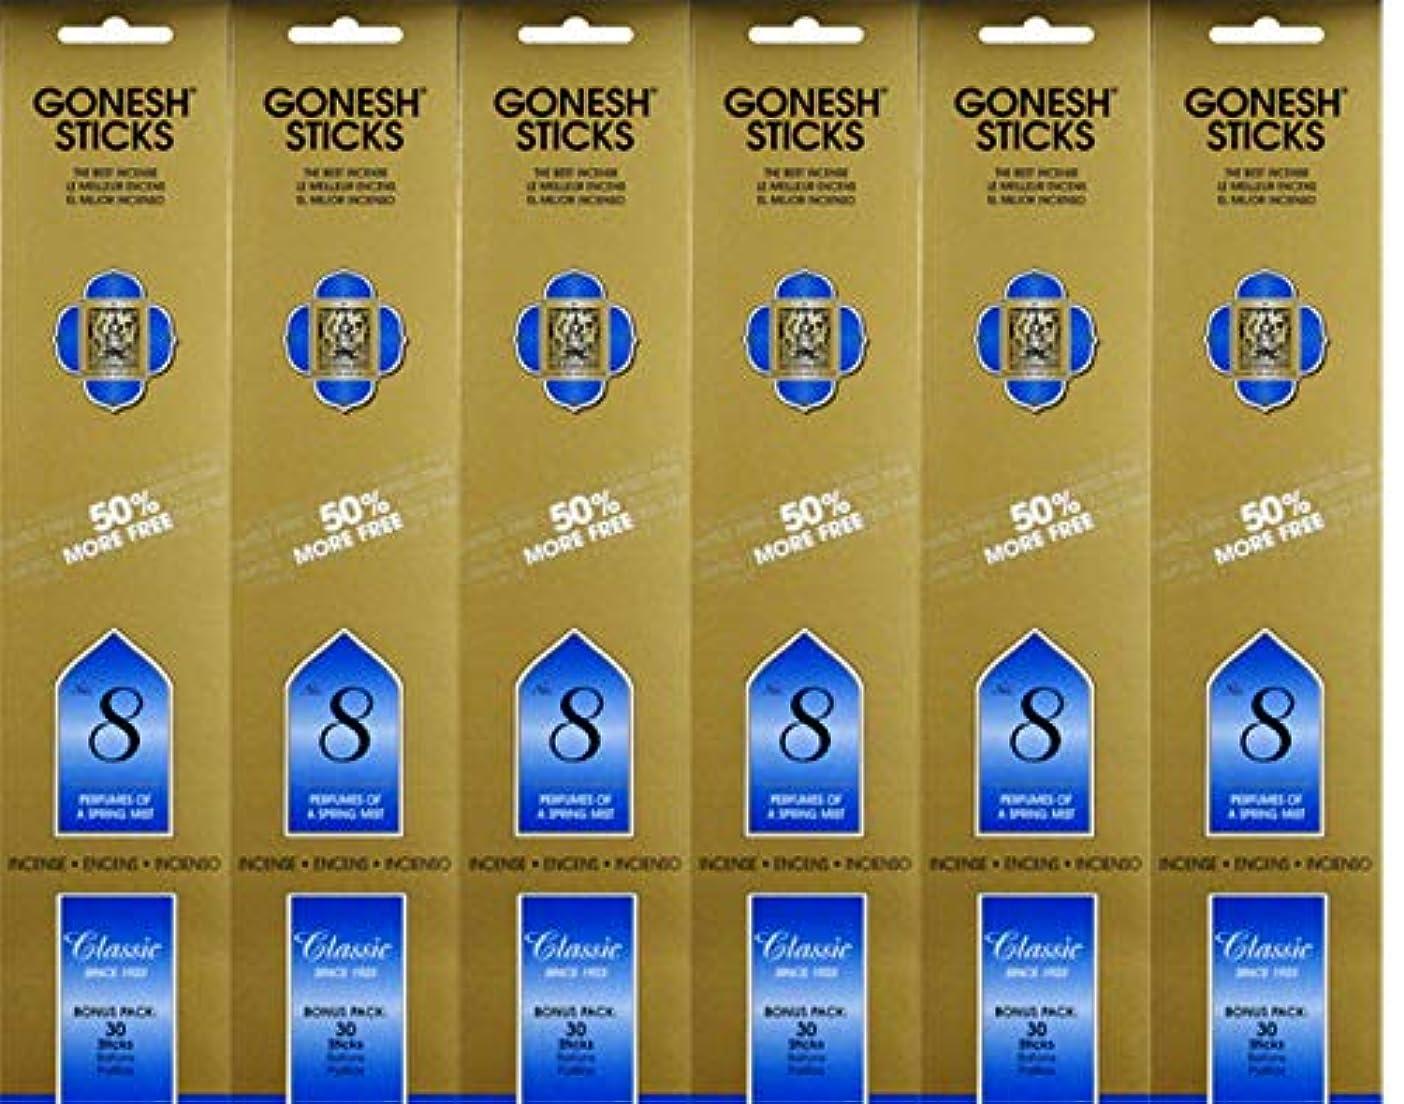 衰える探検汚すGonesh #8 Bonus Pack 30 sticks ガーネッシュ#8 ボーナスパック30本入 6個組 180本